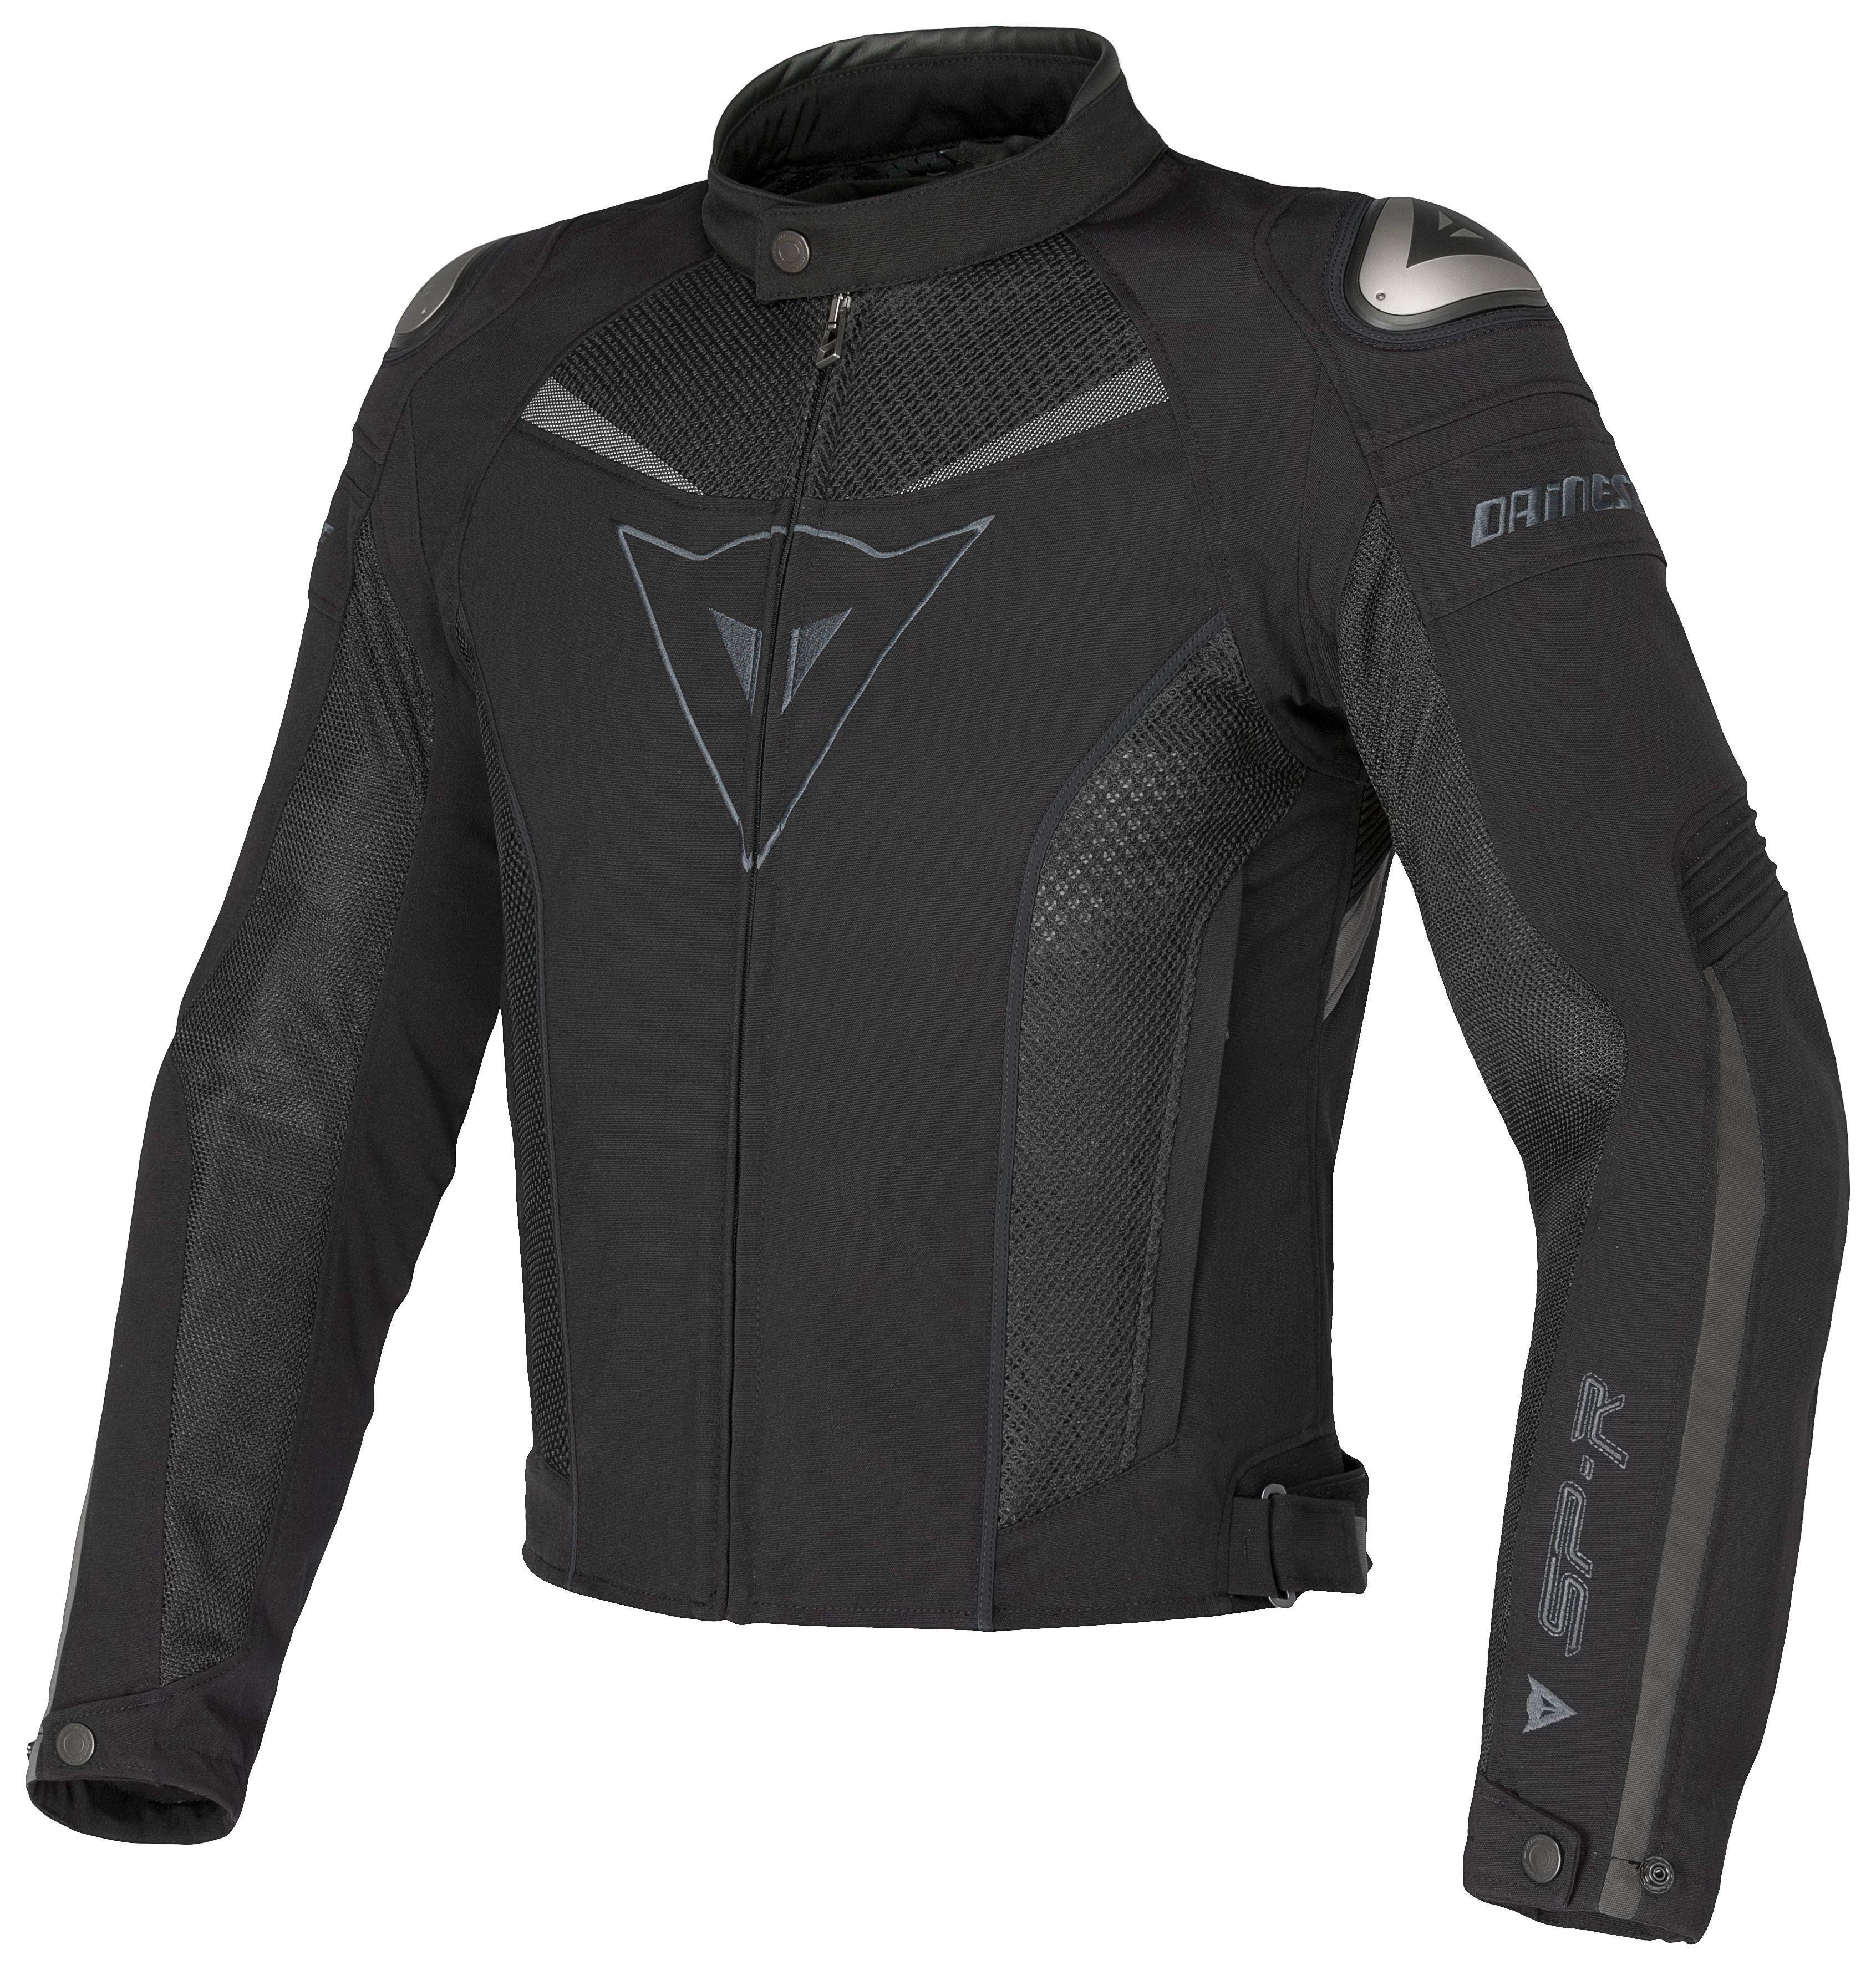 Dainese Super Speed Textile Jacket Motorbike Jackets Jackets